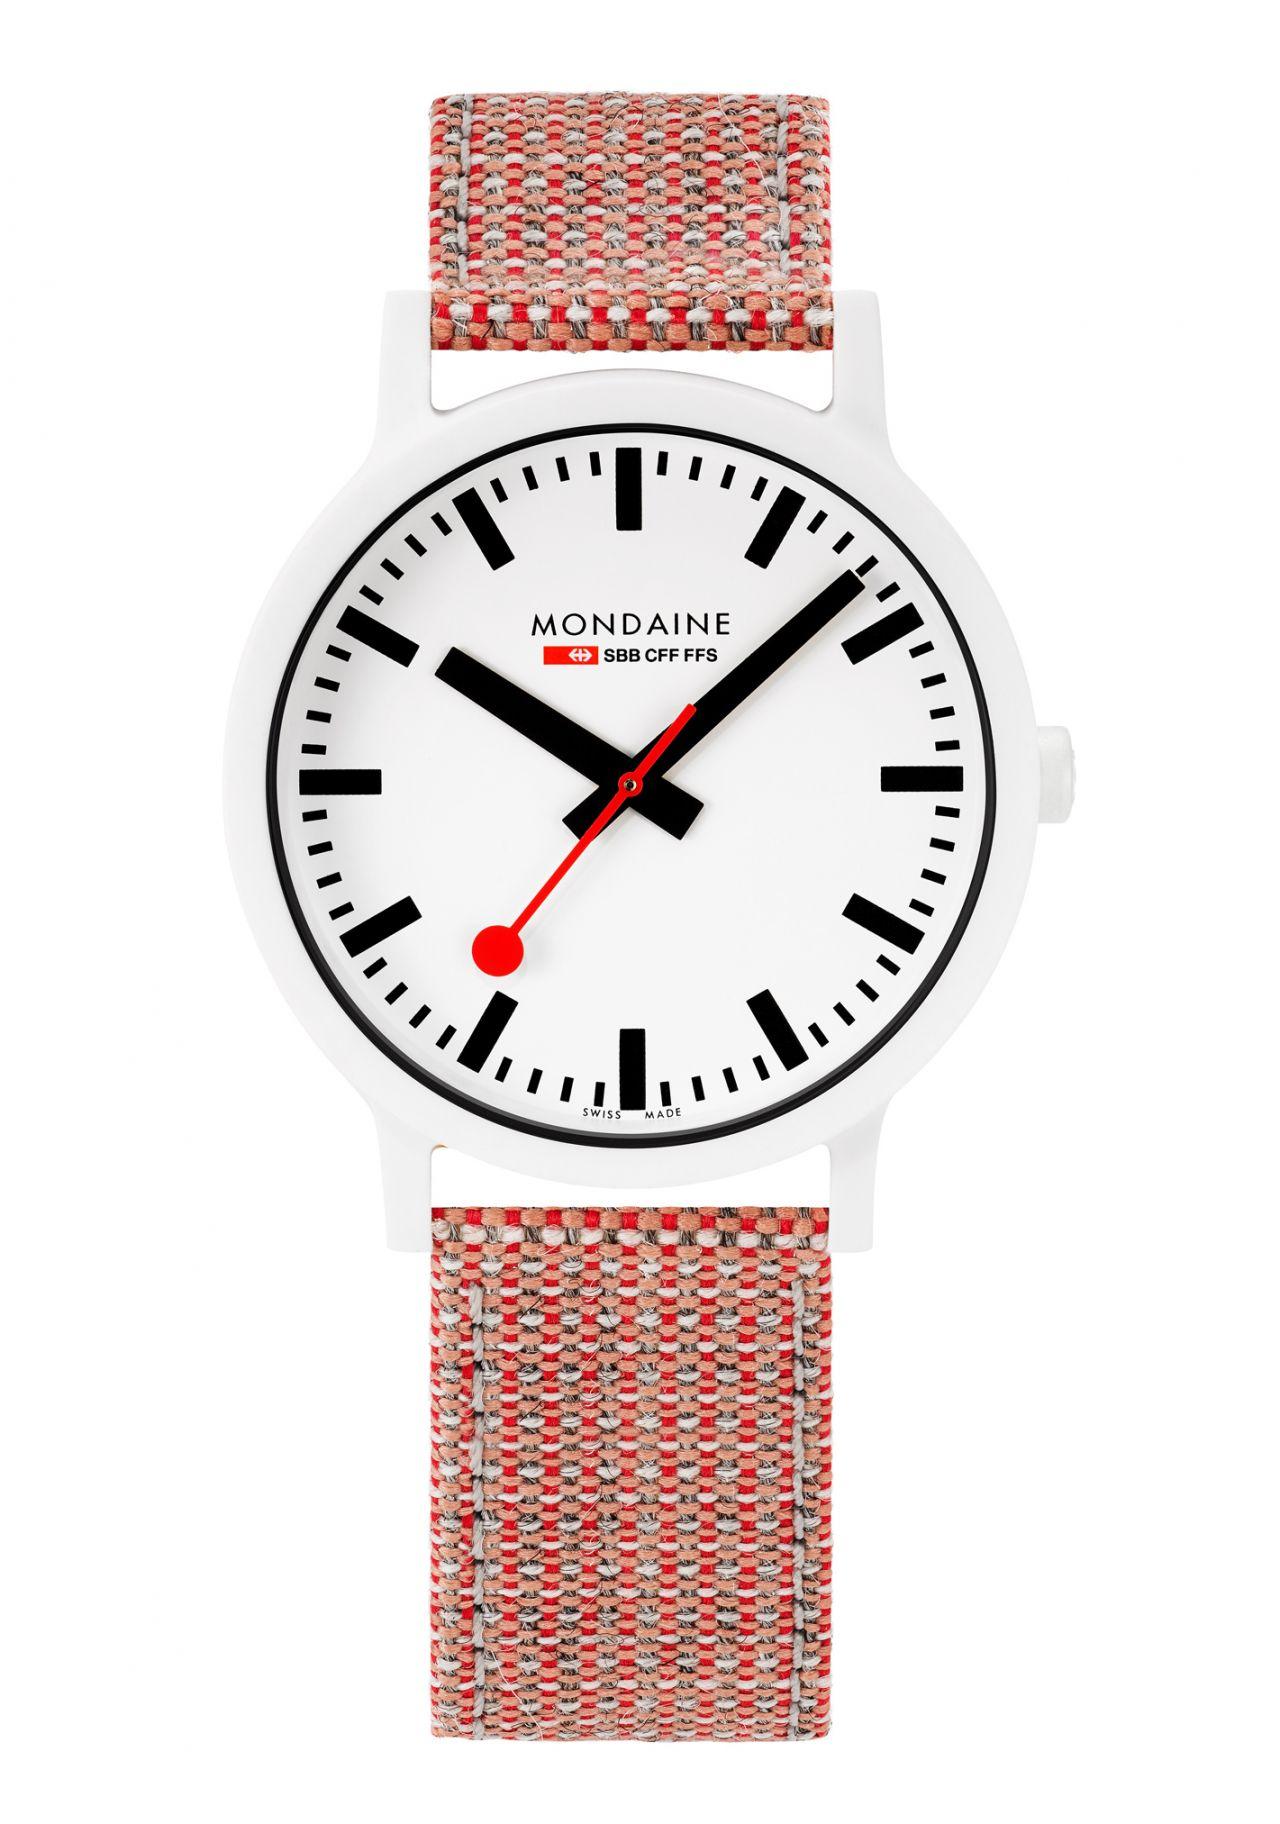 Mondaine Essence White Uhr 41mm